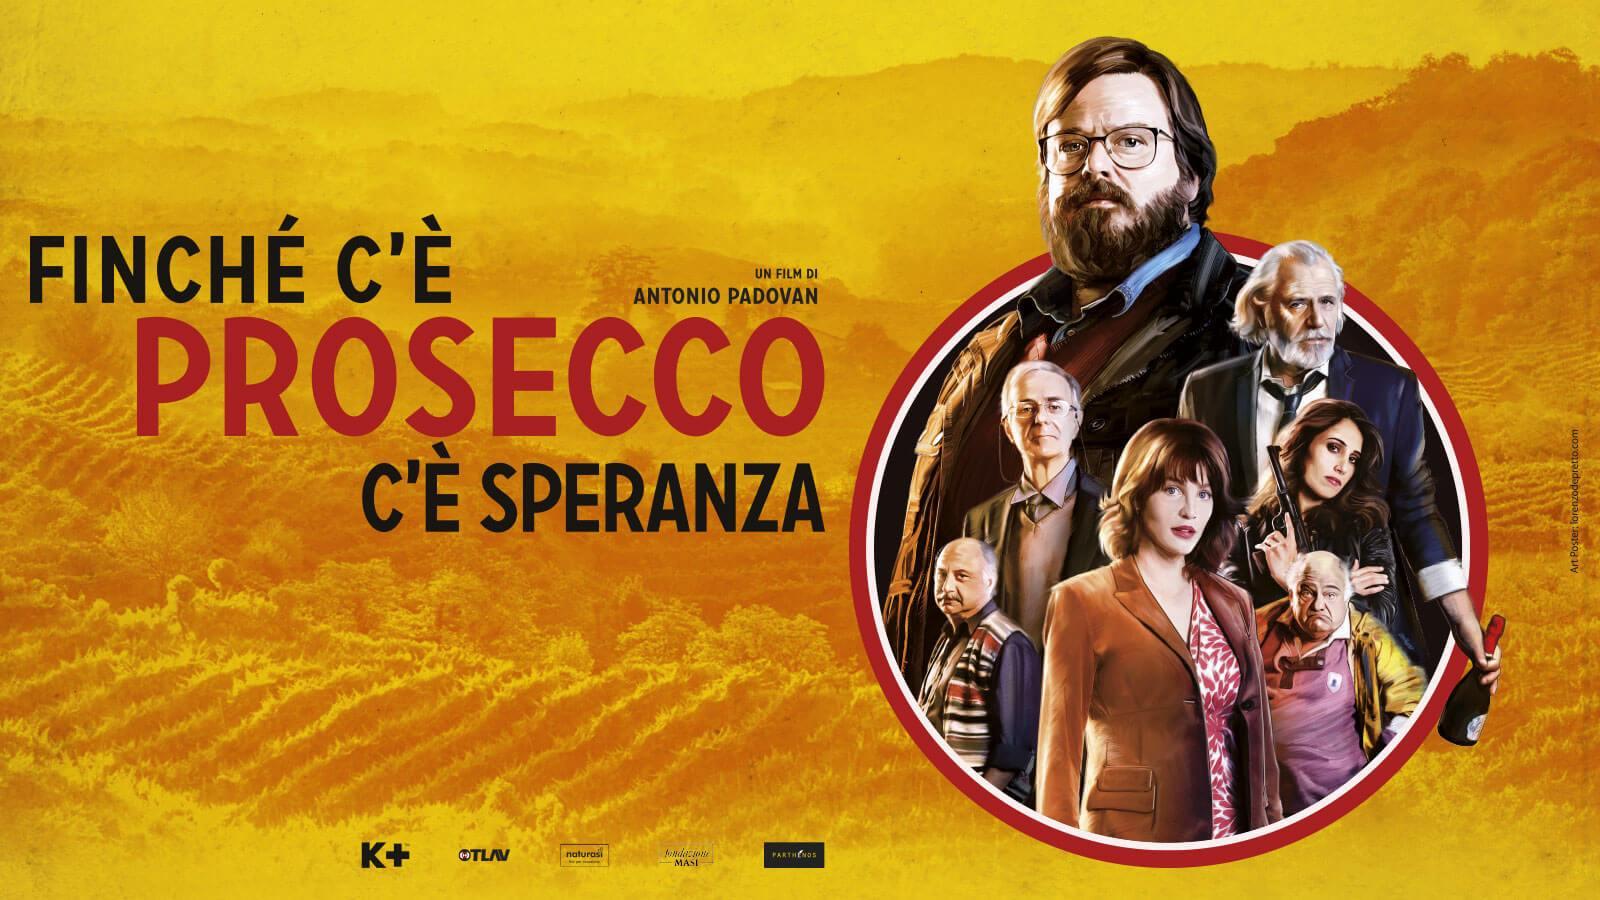 """Prosecco: il tour country-chic ispirato al film """"Finchè c'è Prosecco c'è Speranza"""" - Veneto Secrets"""